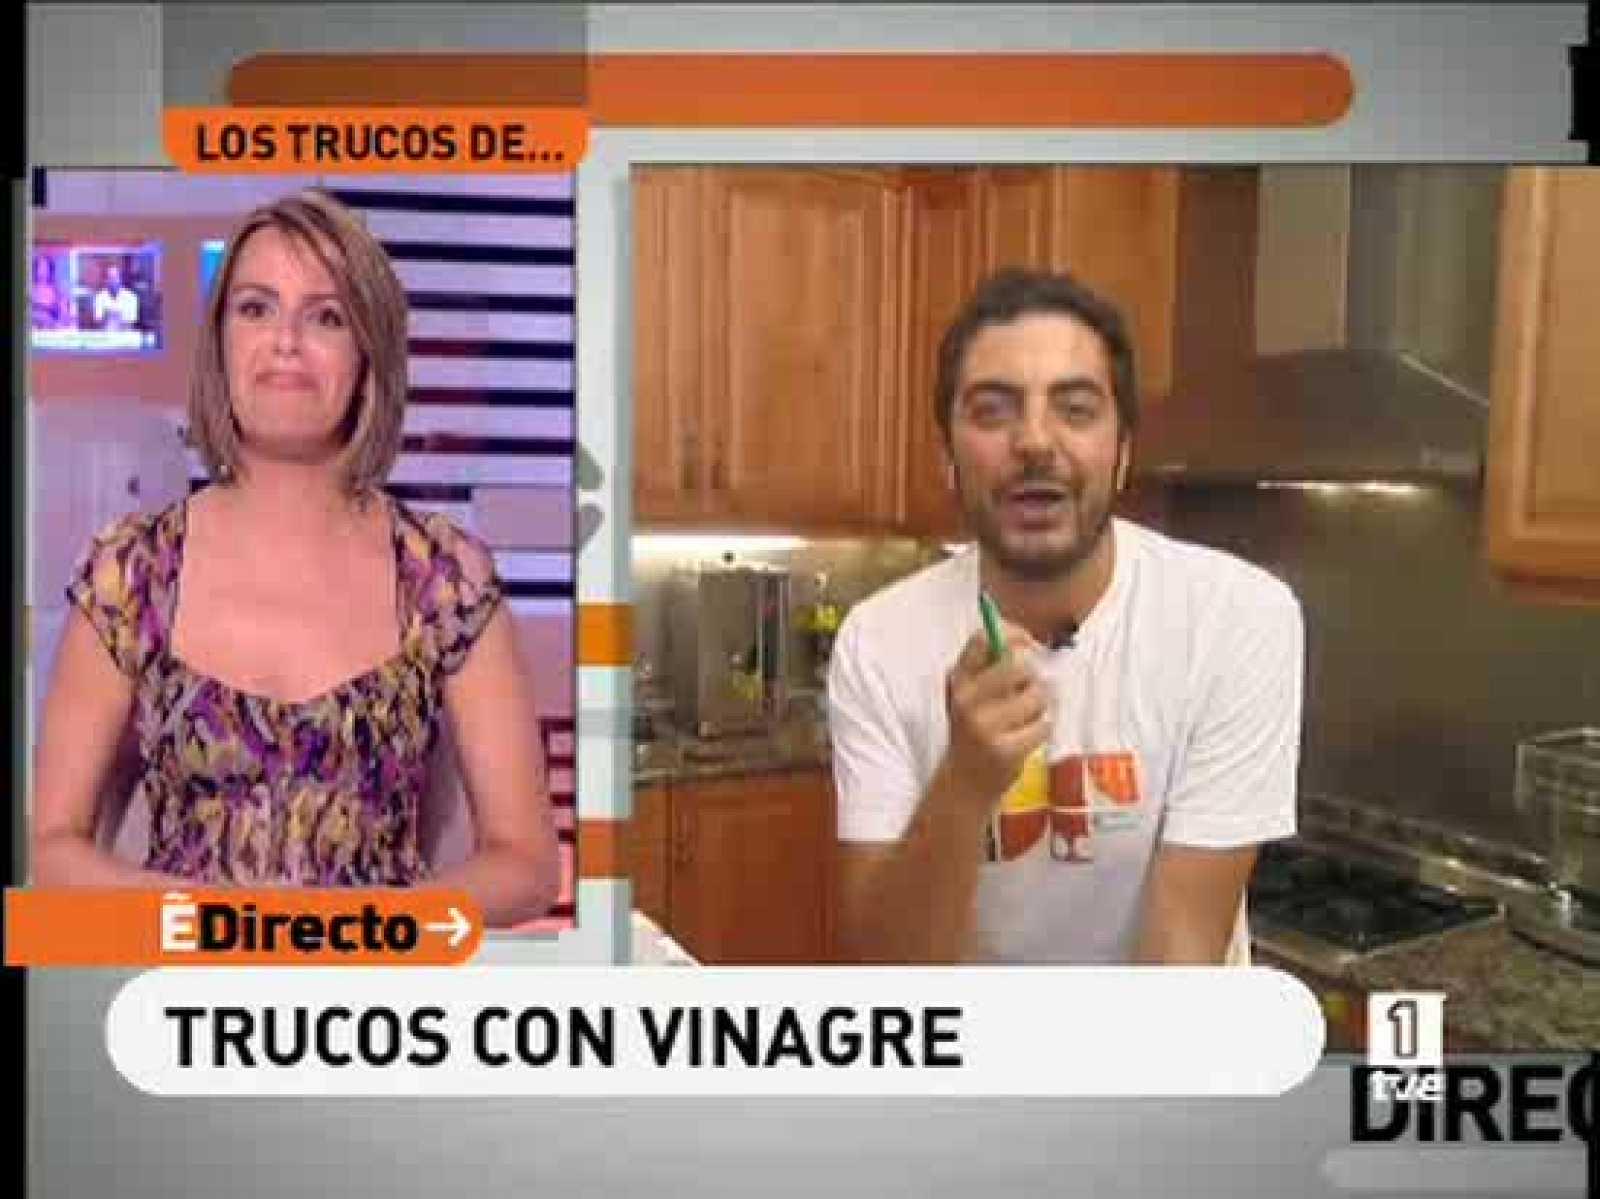 España Directo Los Trucos Del Vinagre Rtve Es